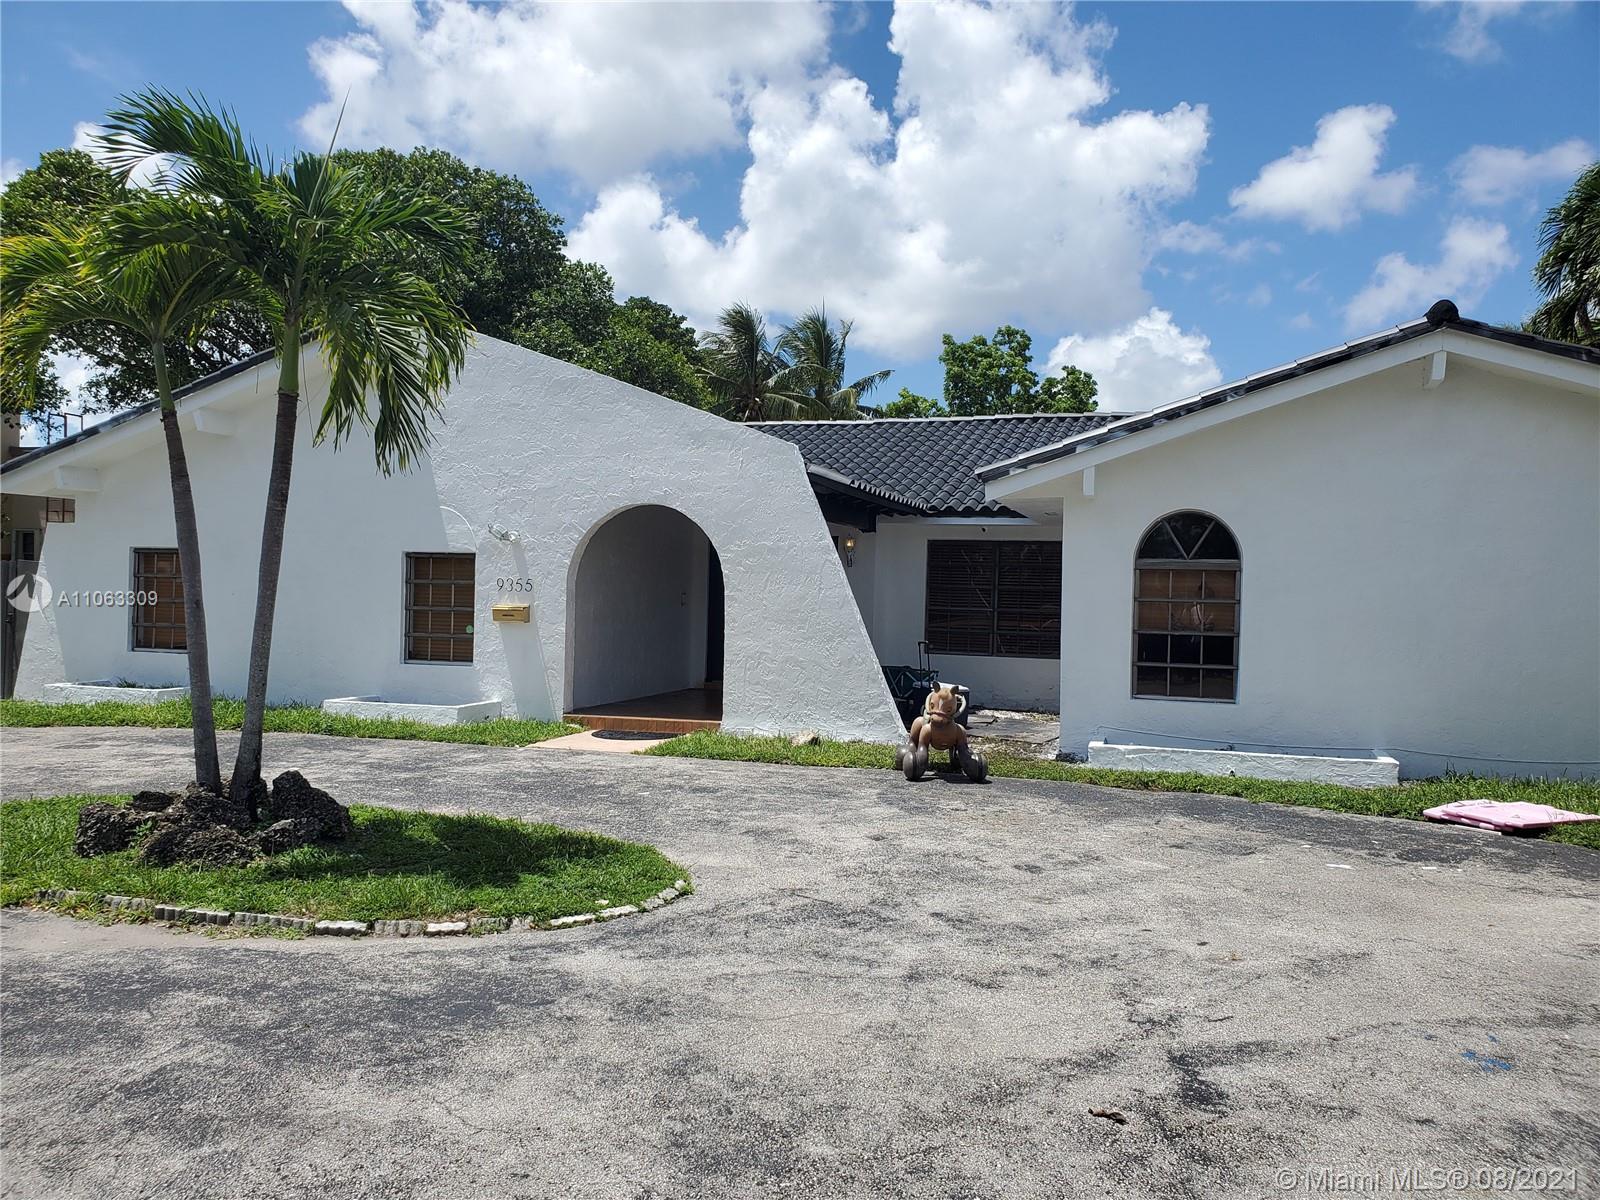 Coral Park Estates - 9355 SW 24th St, Miami, FL 33165